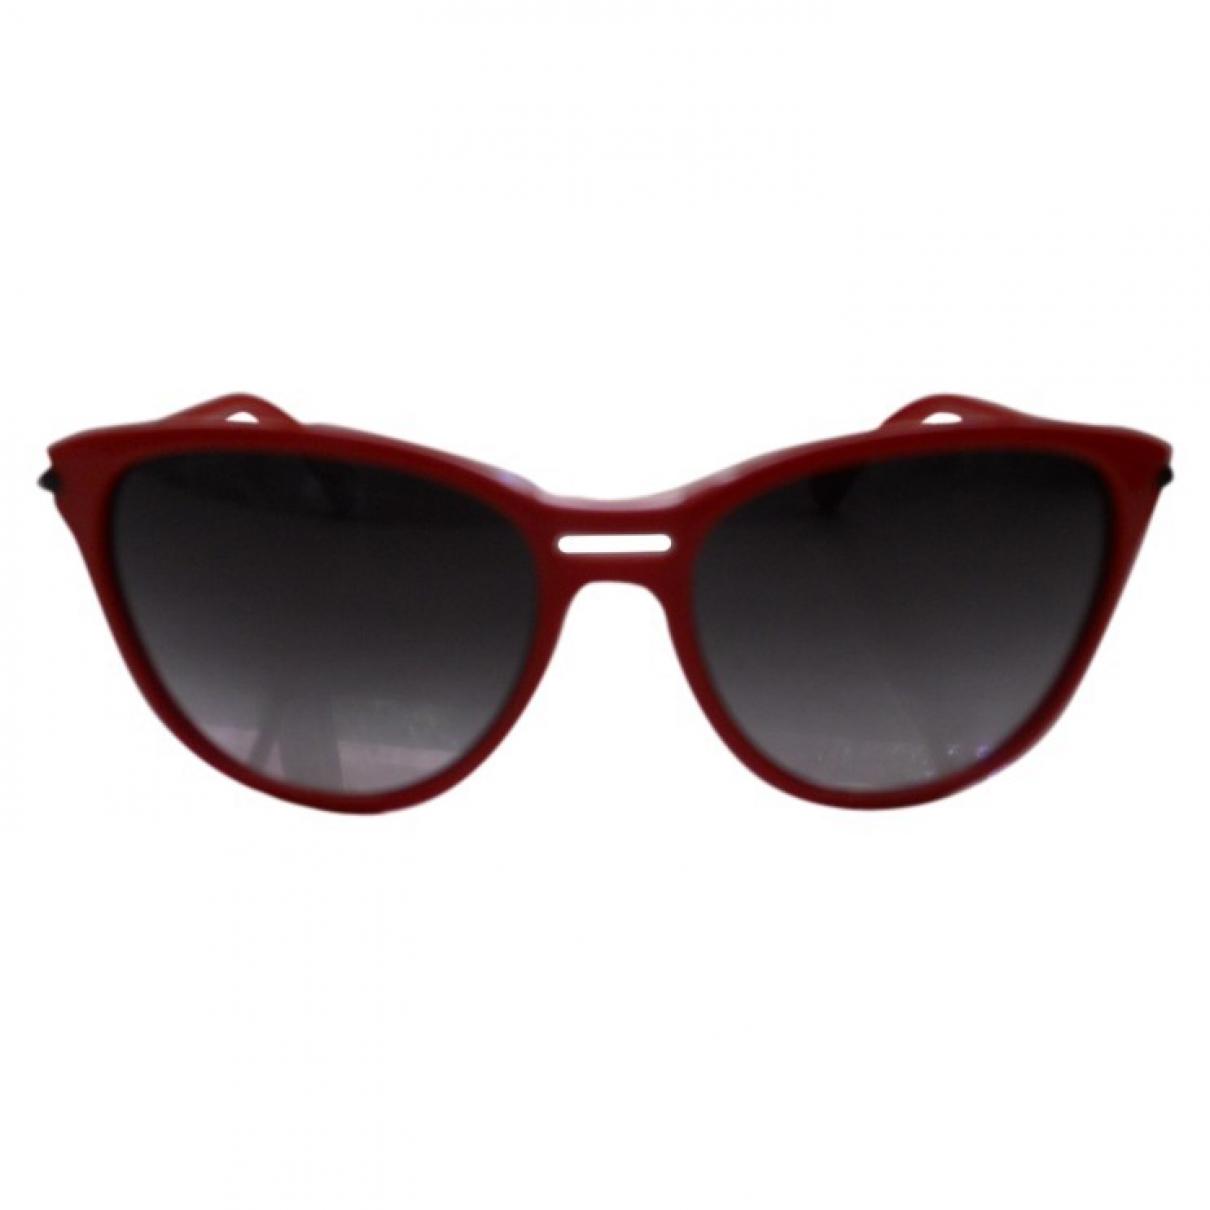 Emporio Armani - Lunettes   pour femme - rouge